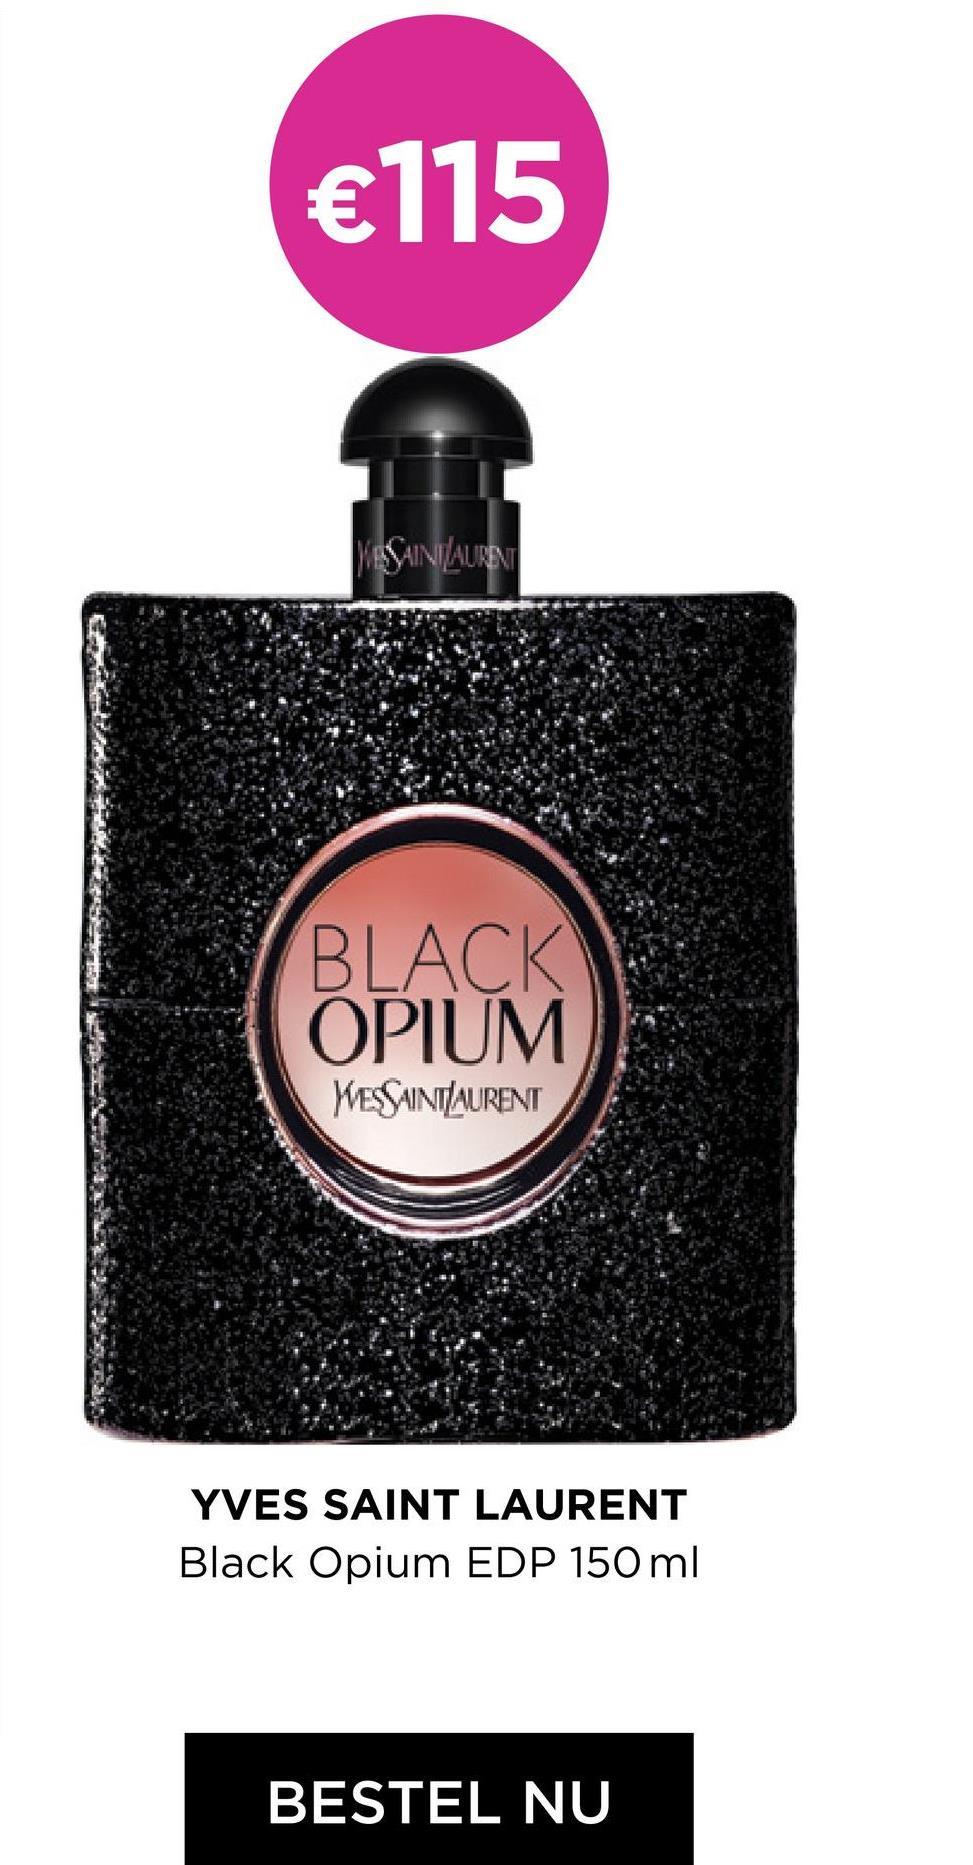 €115 YASAN/AURENT BLACK OPIUM YVES SAINTAURENT YVES SAINT LAURENT Black Opium EDP 150 ml BESTEL NU